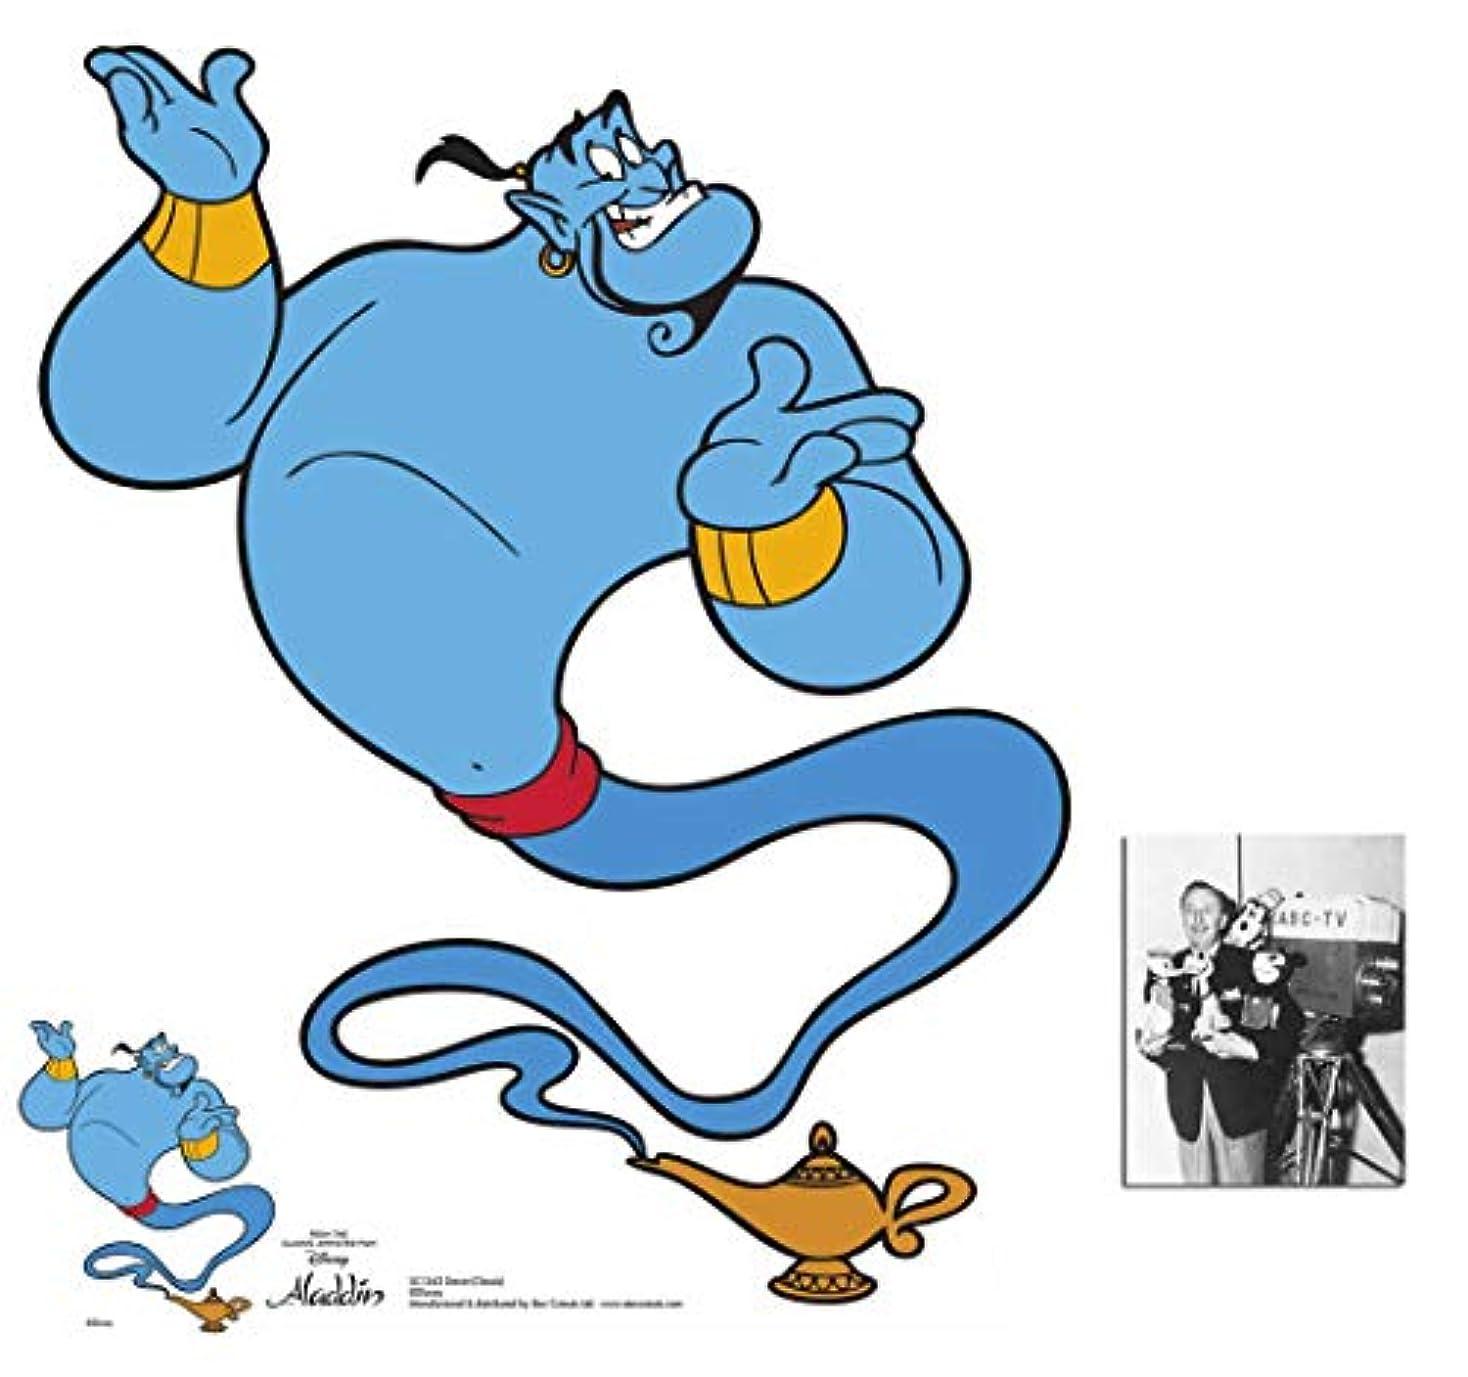 充電今まで交換Aladdin Genie クラシック公式ディズニー ライフサイズ 段ボールカットアウト/スタンドファンパック 88cm x 72cm 無料のミニカットアウトと8x10の写真付き